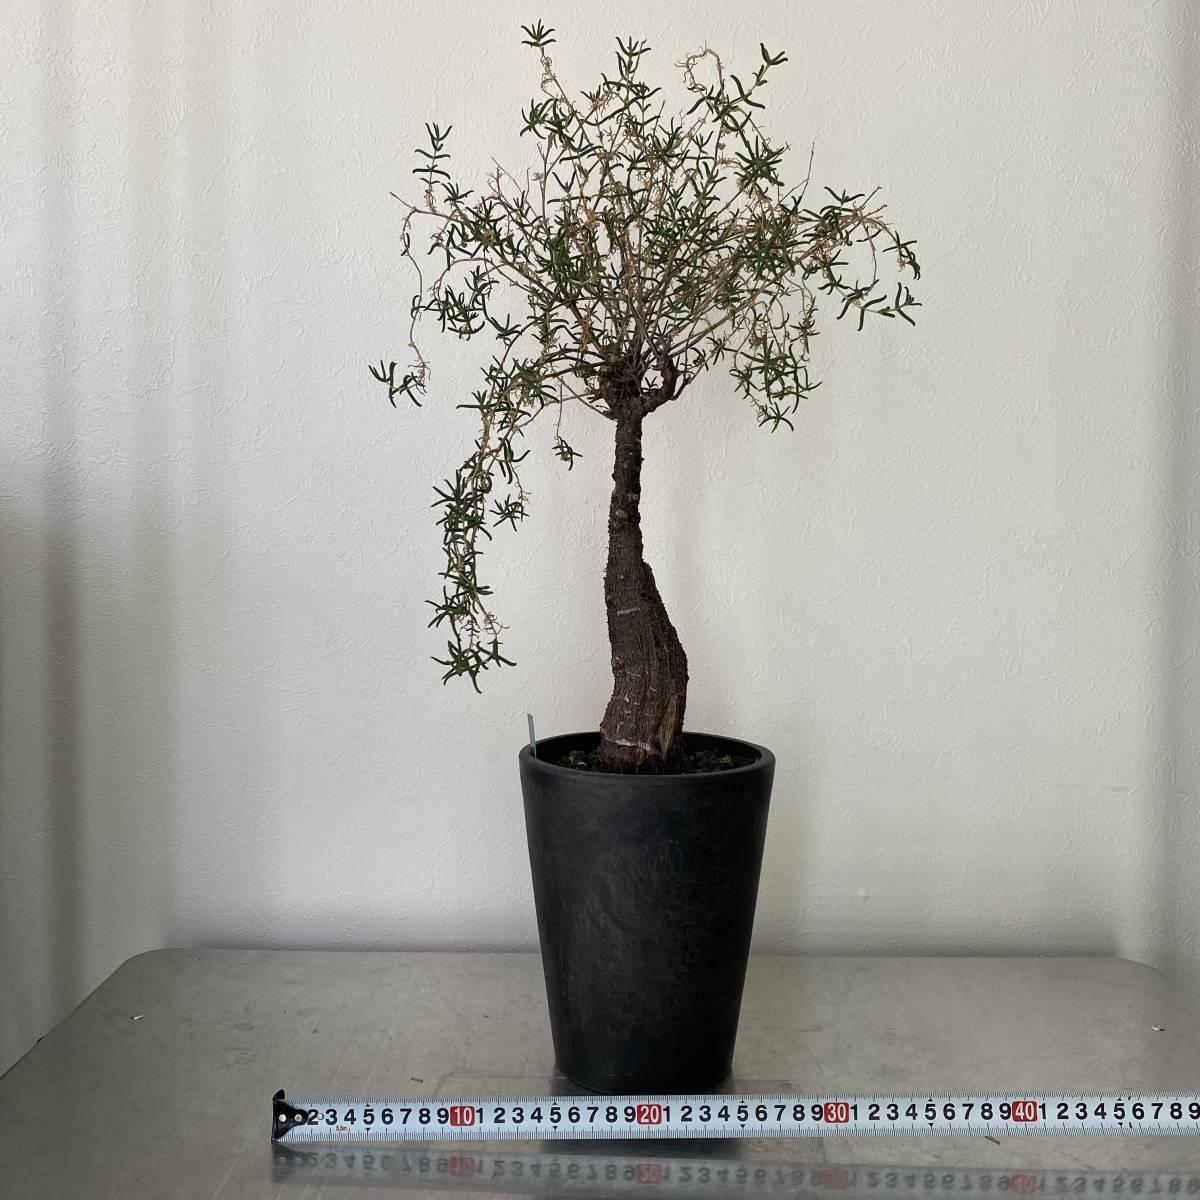 大株 2021.03.16撮影 幹幅5cm Mestoklema tuberosum メストクレマ ツベローサム 植物所有して4年以上_画像4